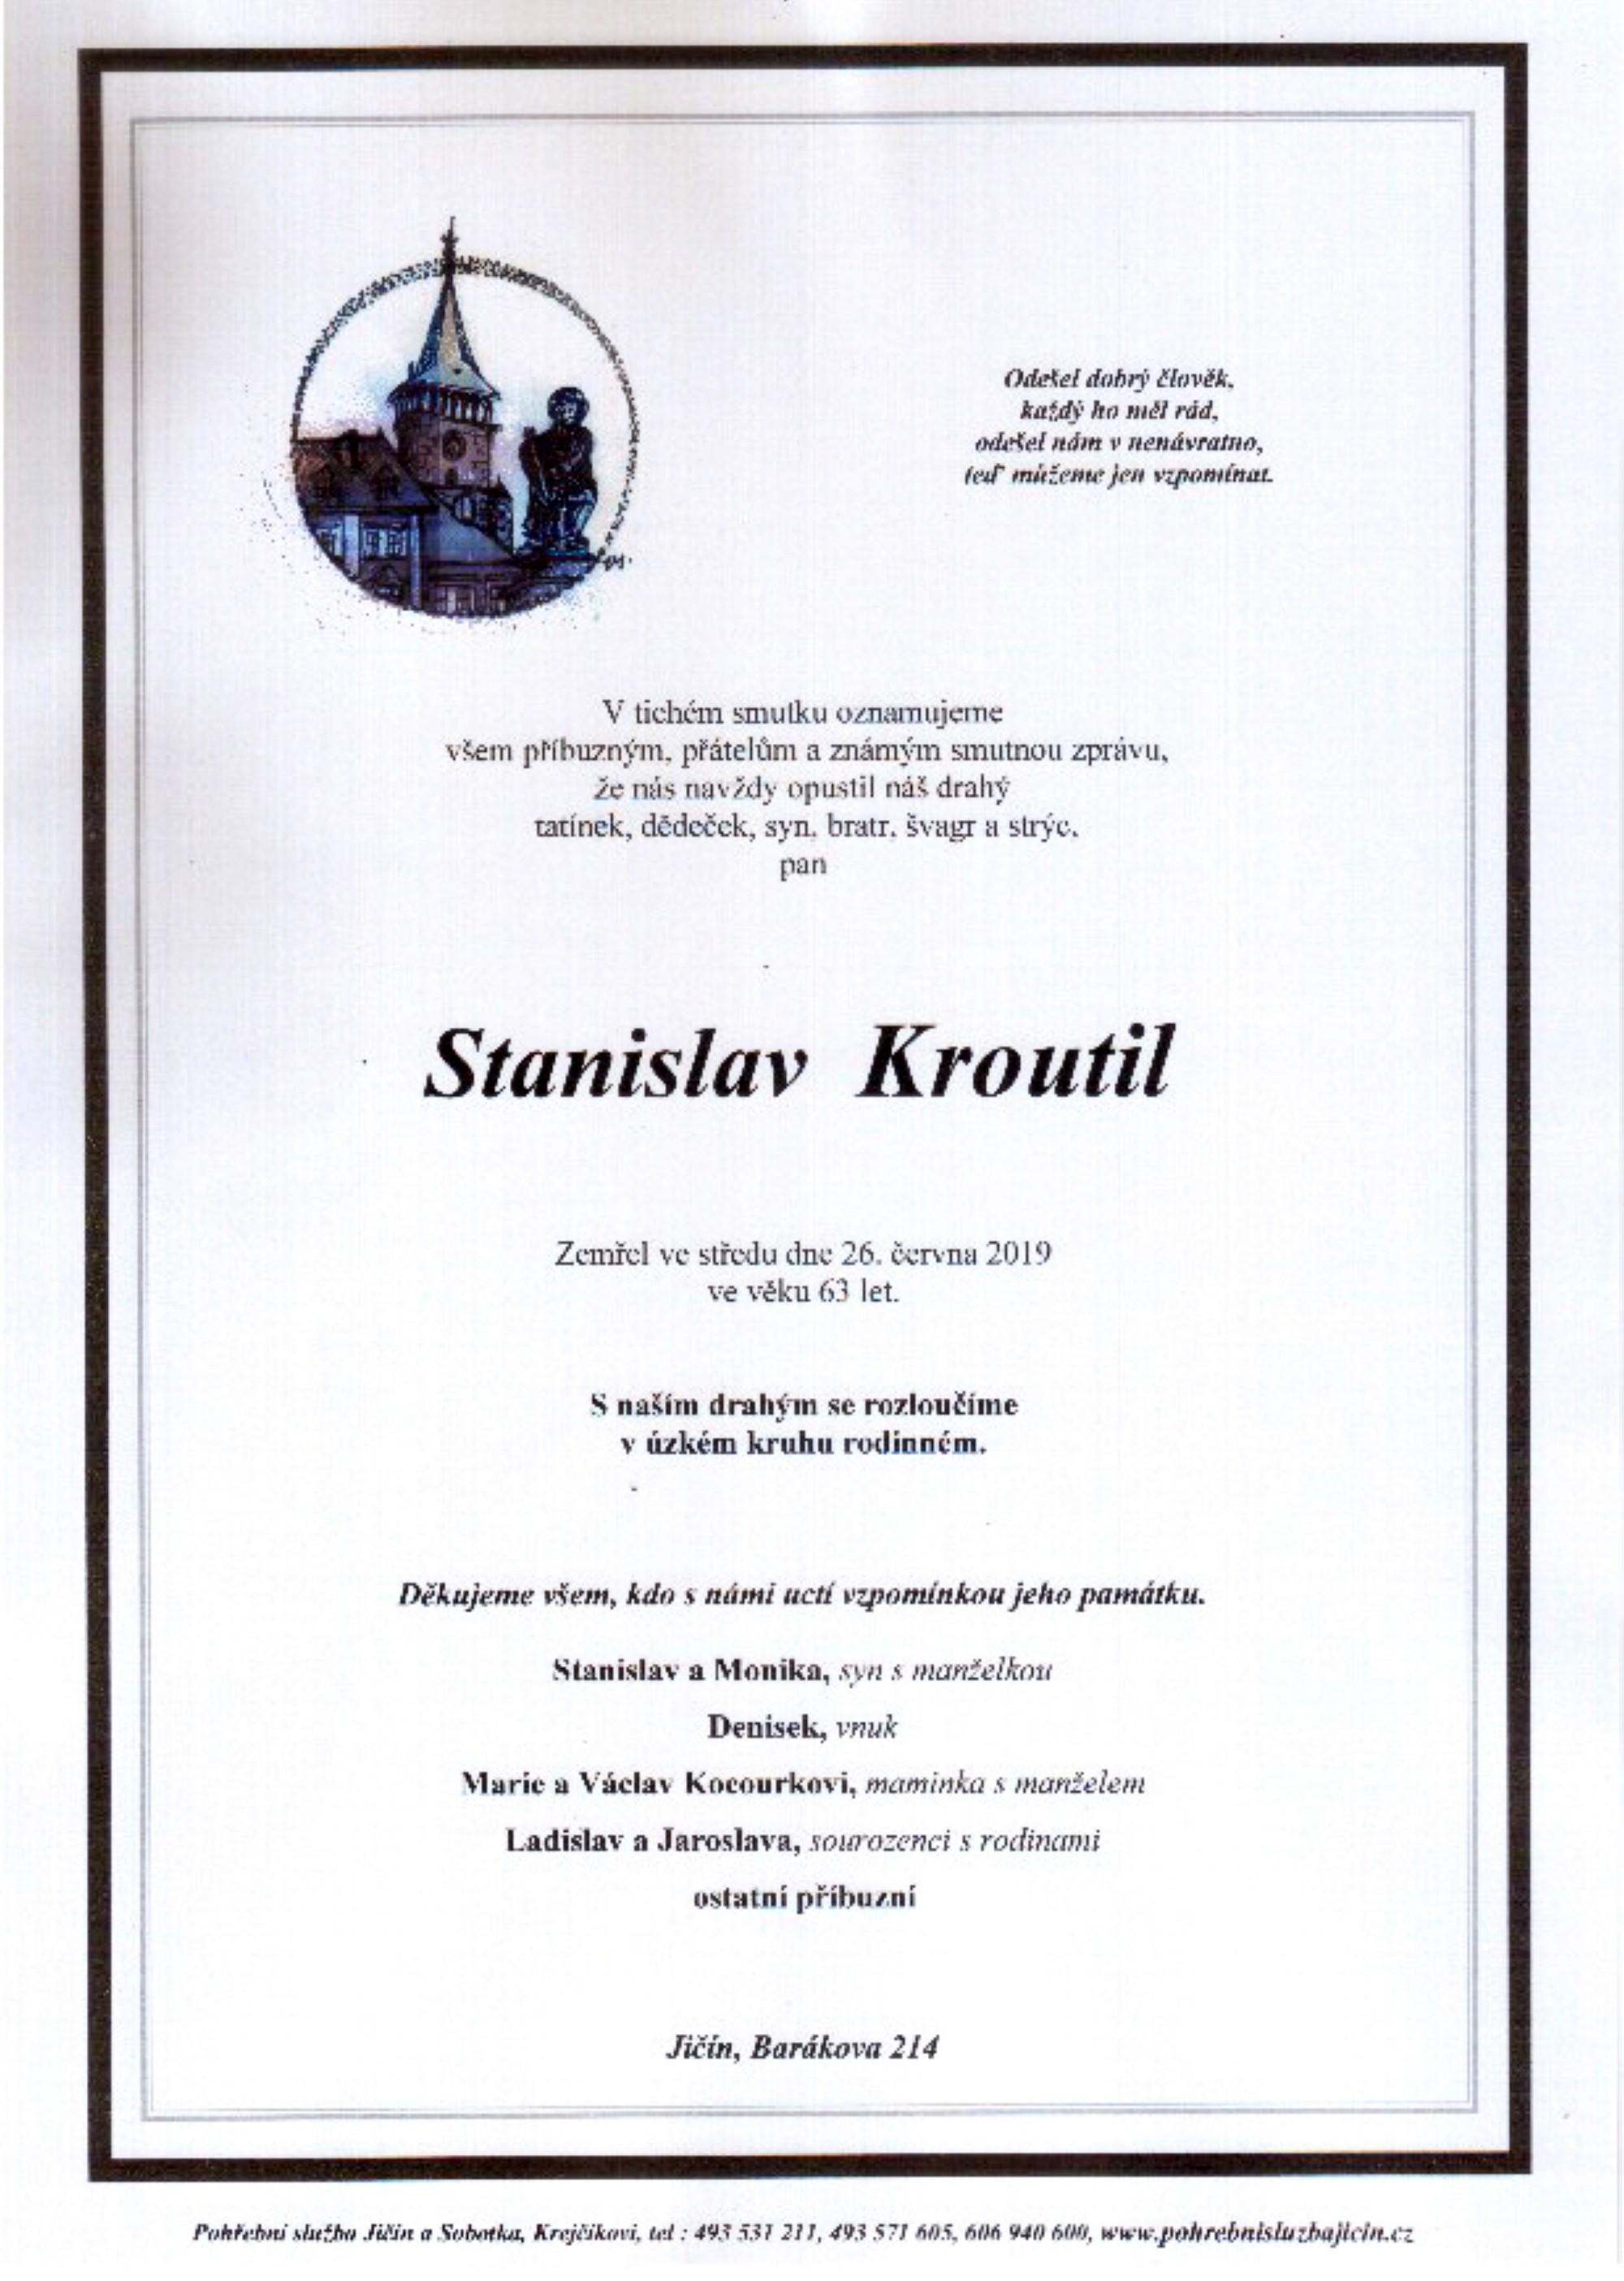 Stanislav Kroutil